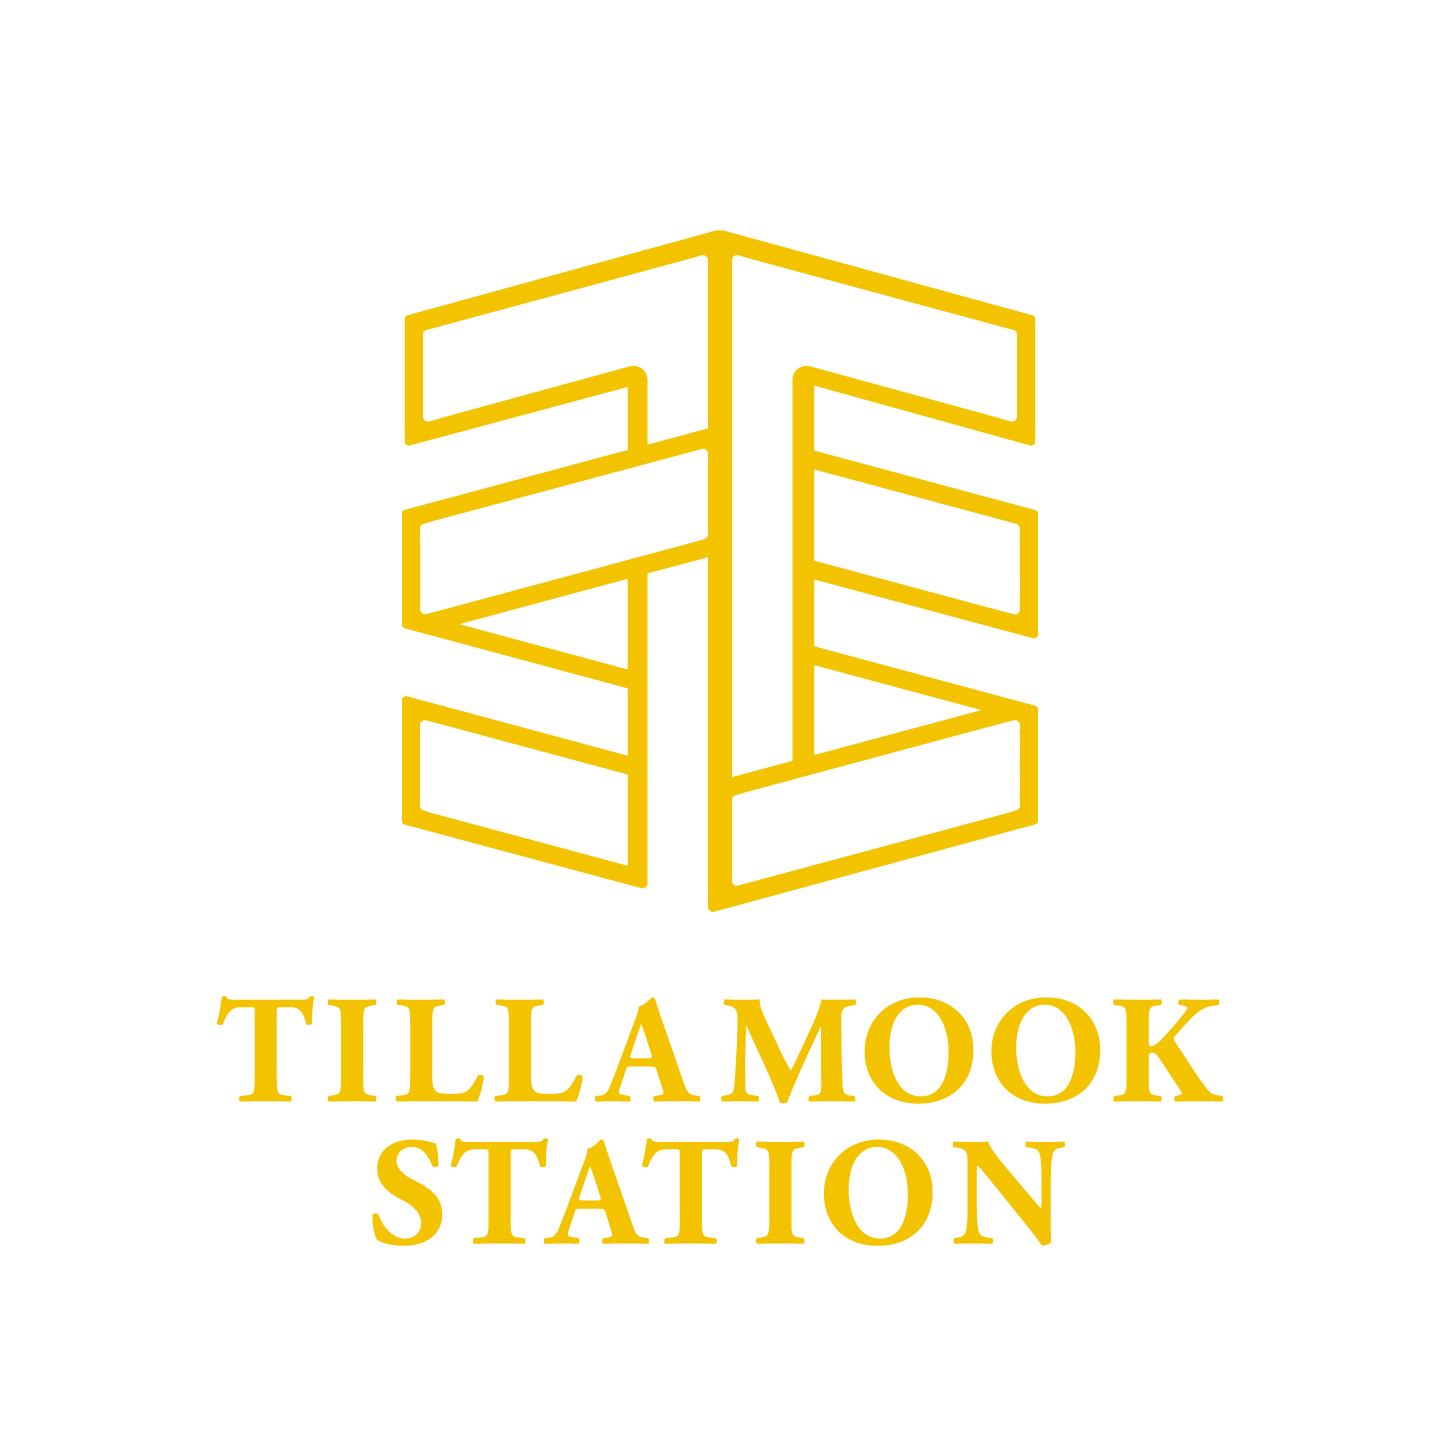 Tillamook Station